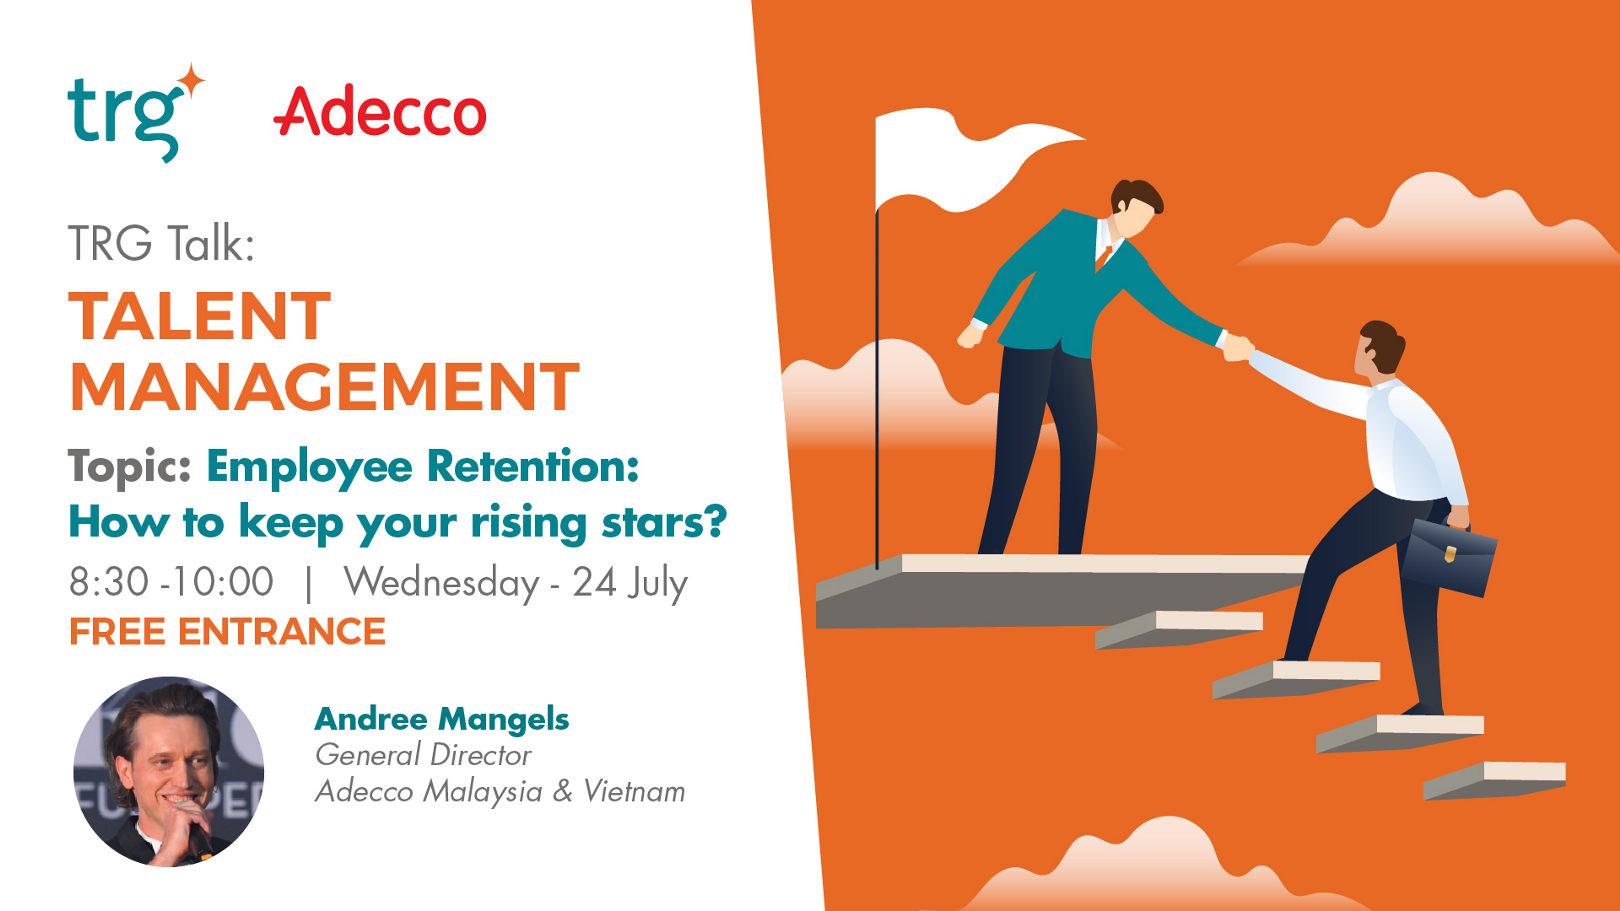 Talent management workshop event banner